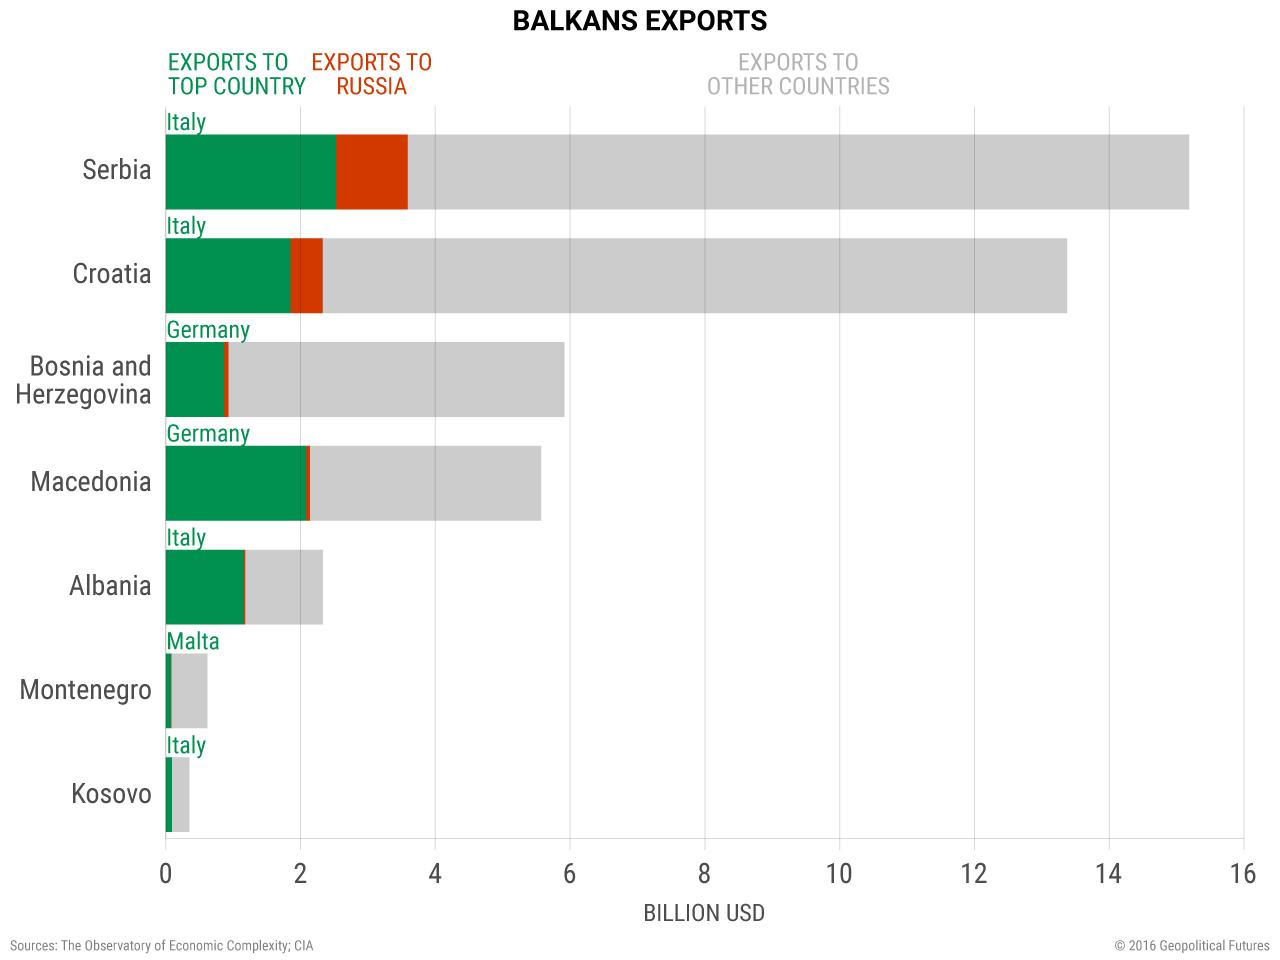 Balkans Exports